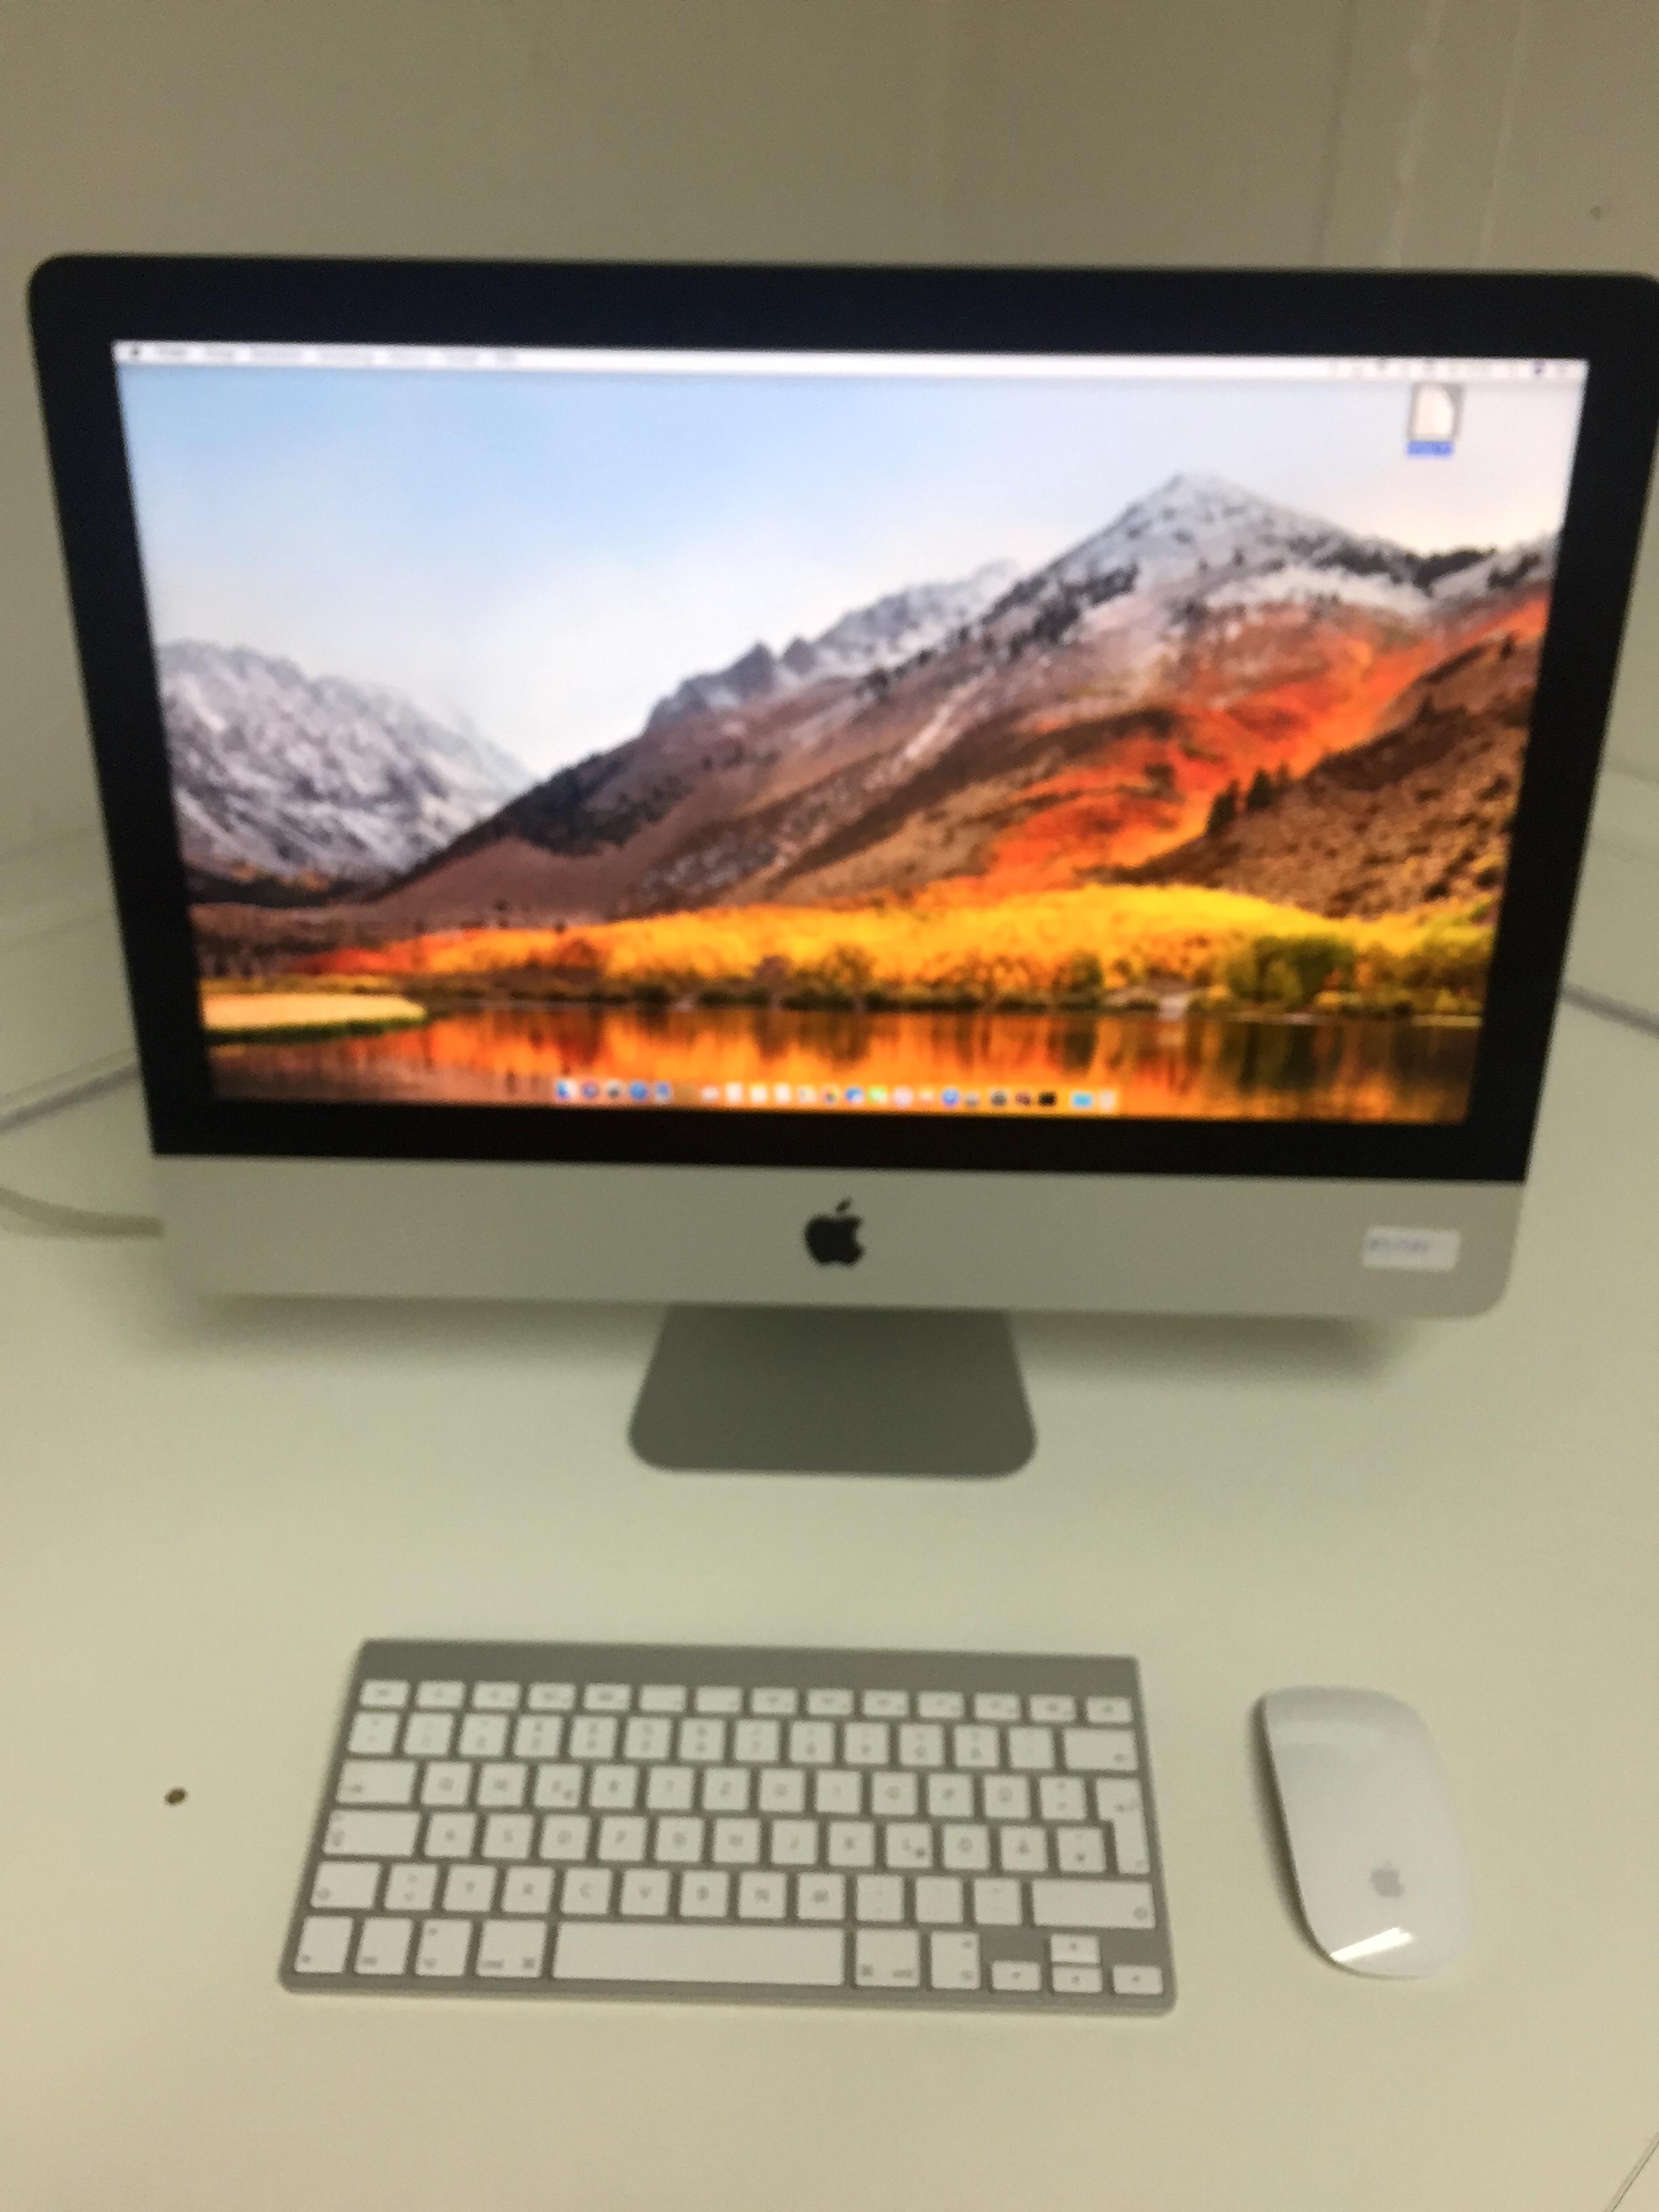 iMac 21.5-inch, 1.4 GHz Intel Core i5, 8 GB , 500 GB HDD, Bild 1